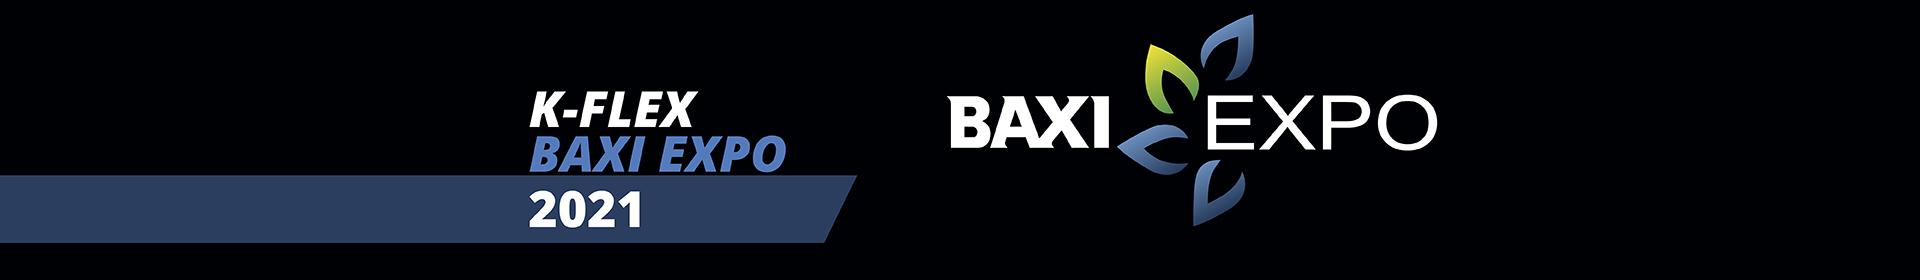 BAXI EXPO